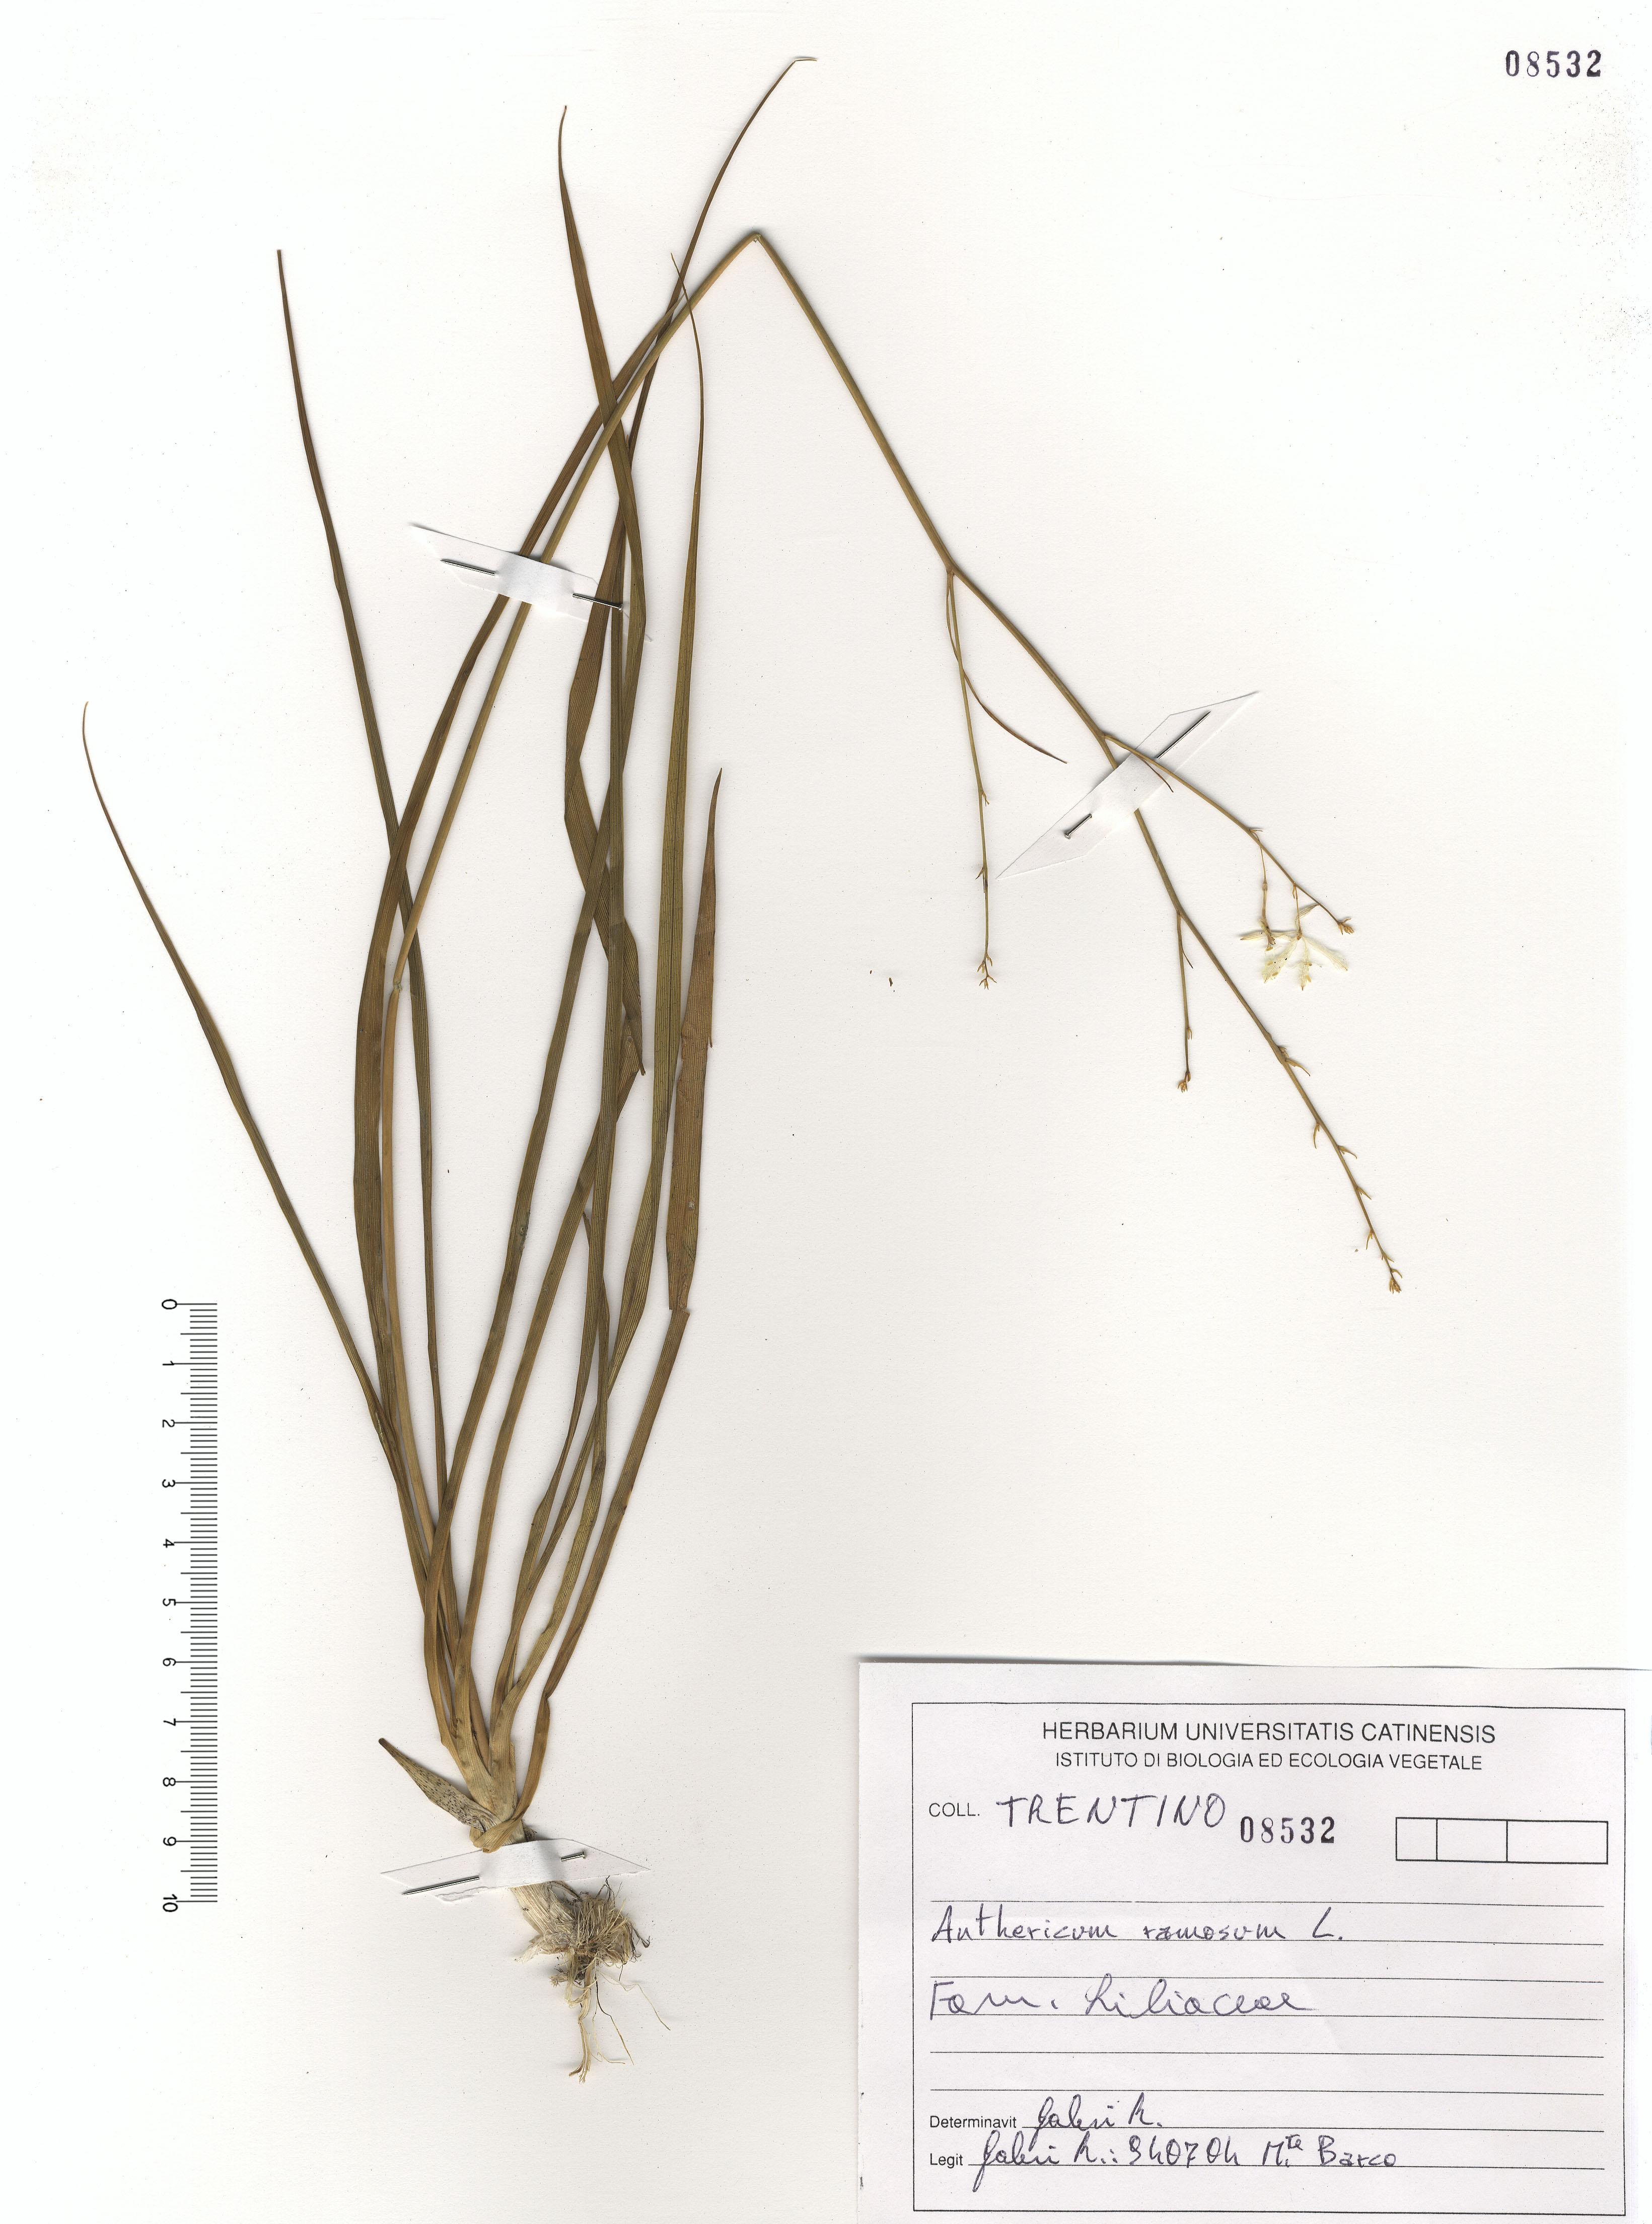 &copy; Hortus Botanicus Catinensis - Herb. sheet 108532<br>